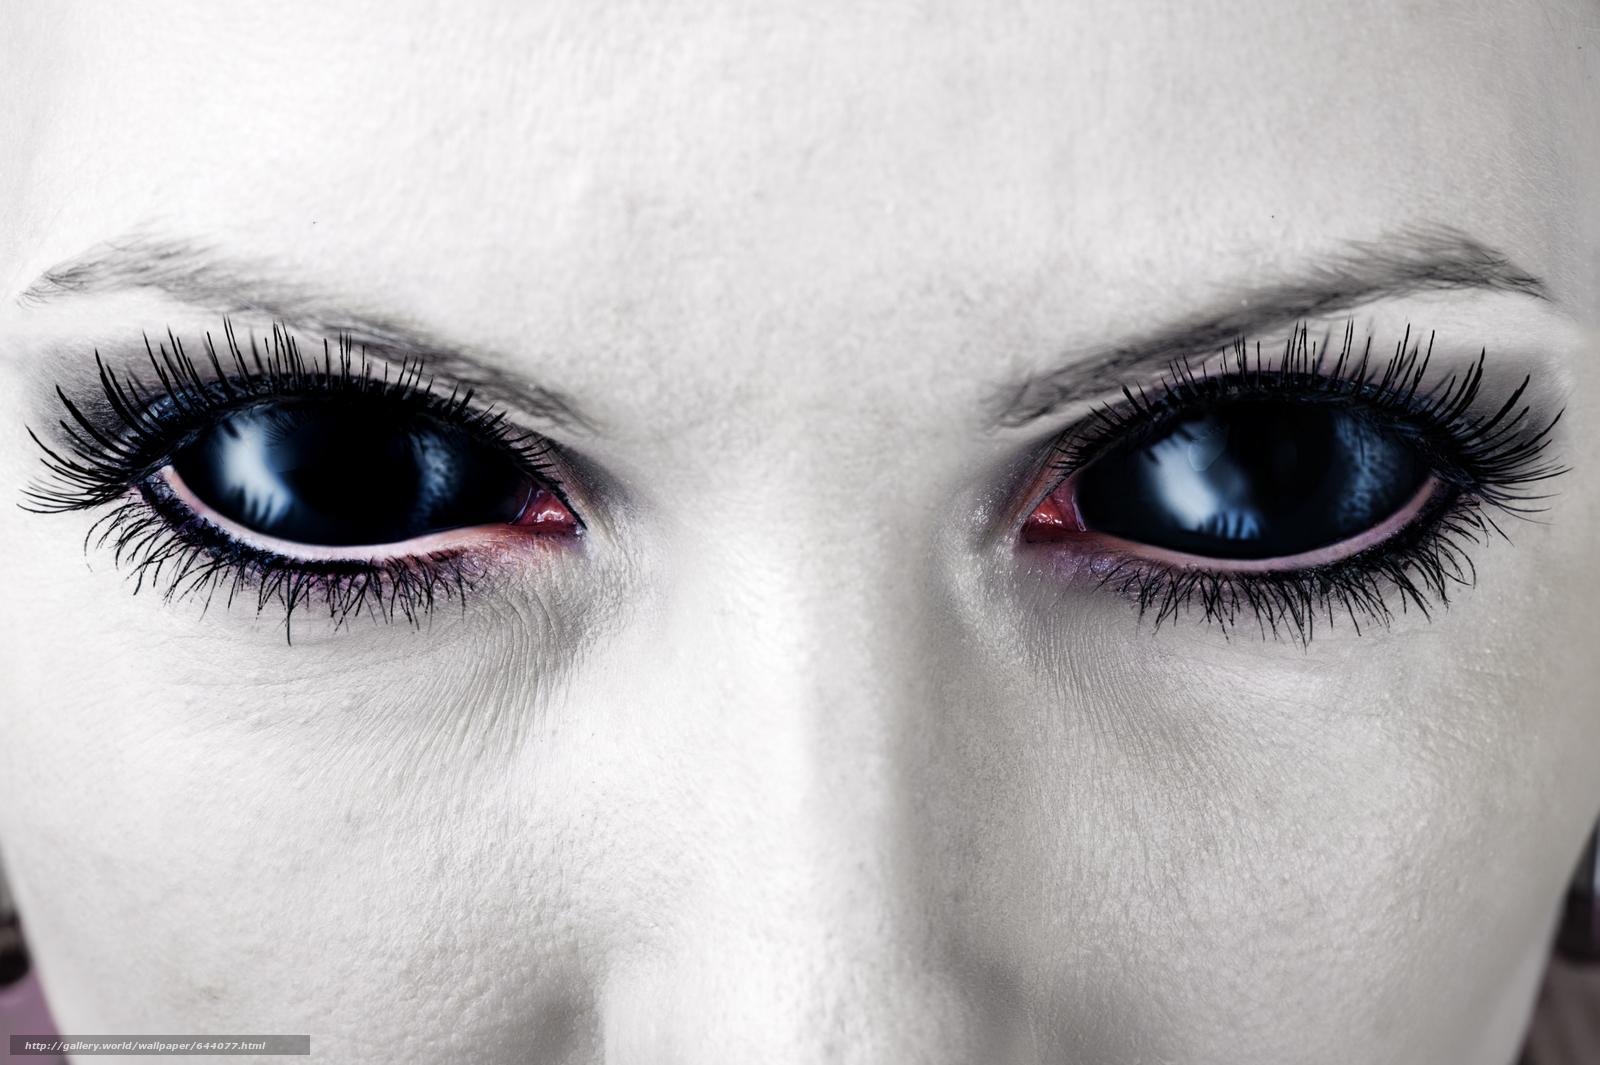 Скачать обои глаз,  глаза,  человеческие,  человек бесплатно для рабочего стола в разрешении 8512x5664 — картинка №644077